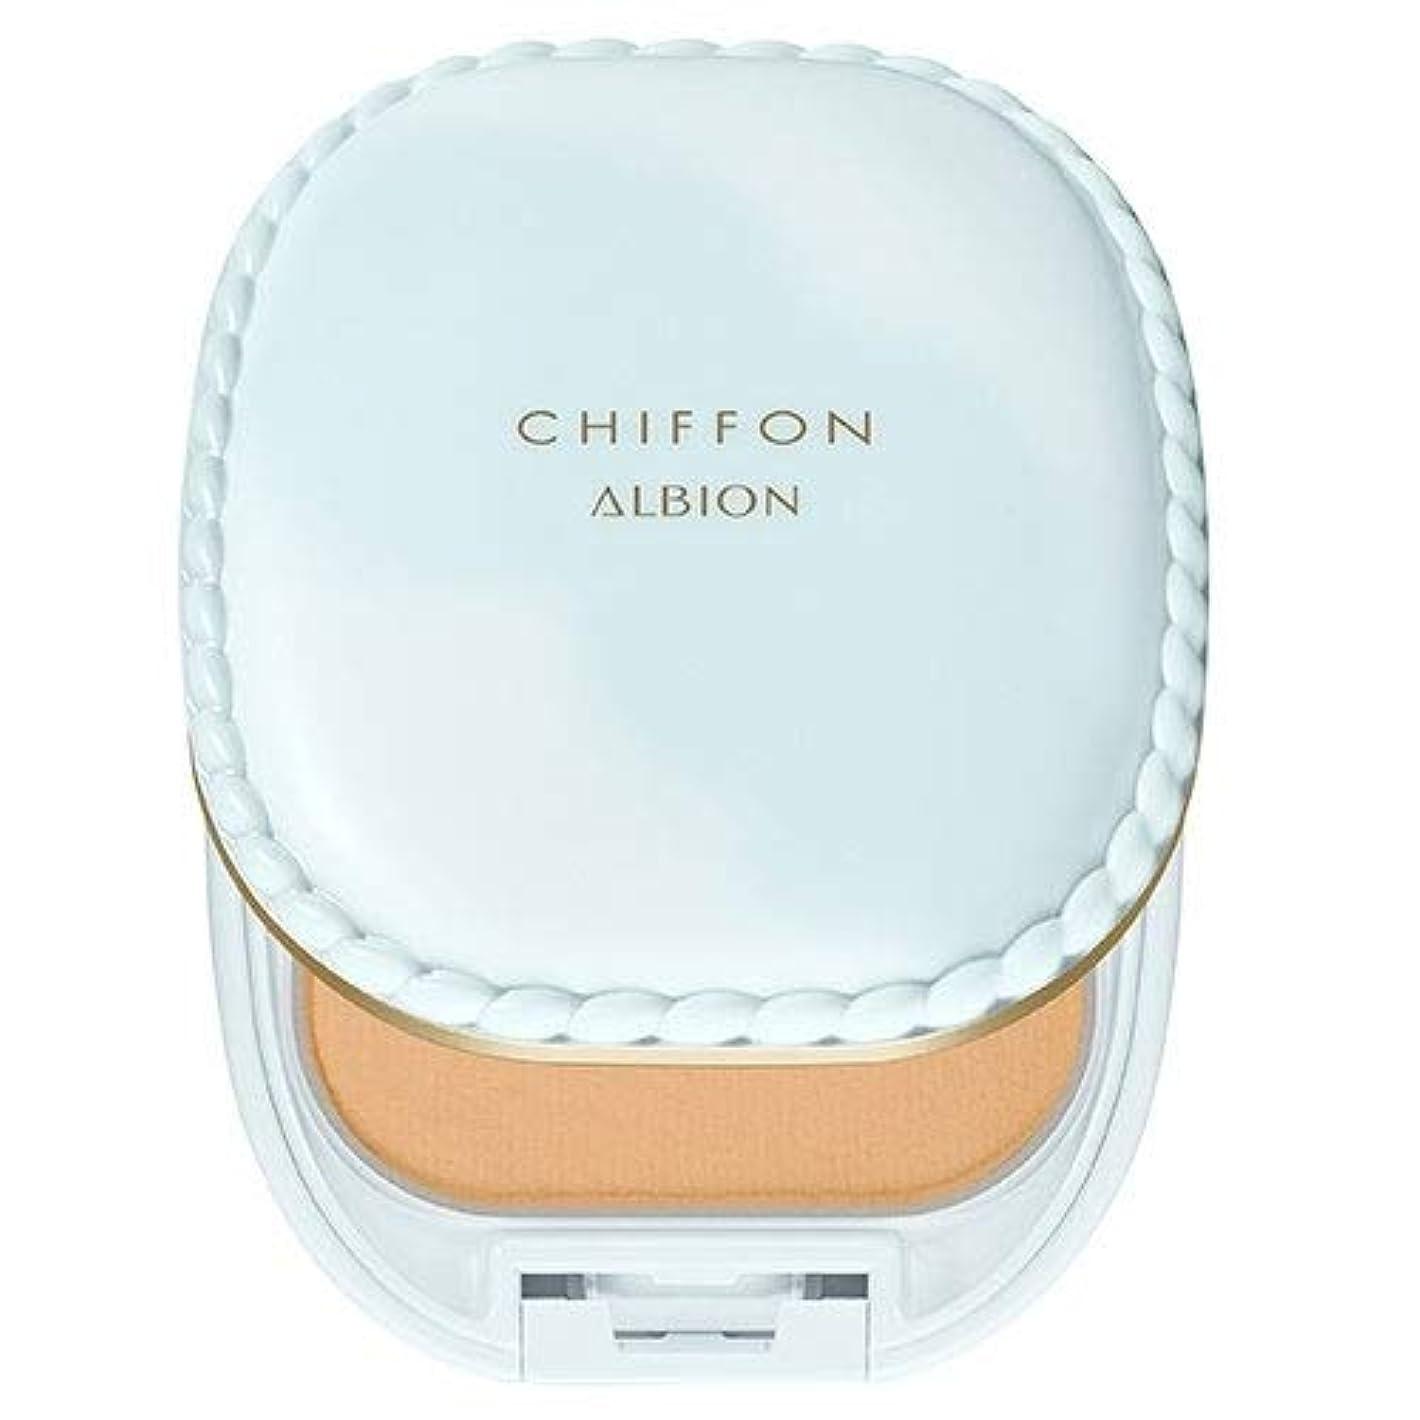 ひまわり逆に運ぶアルビオン スノー ホワイト シフォン (パフ付ケースのみ) -ALBION-